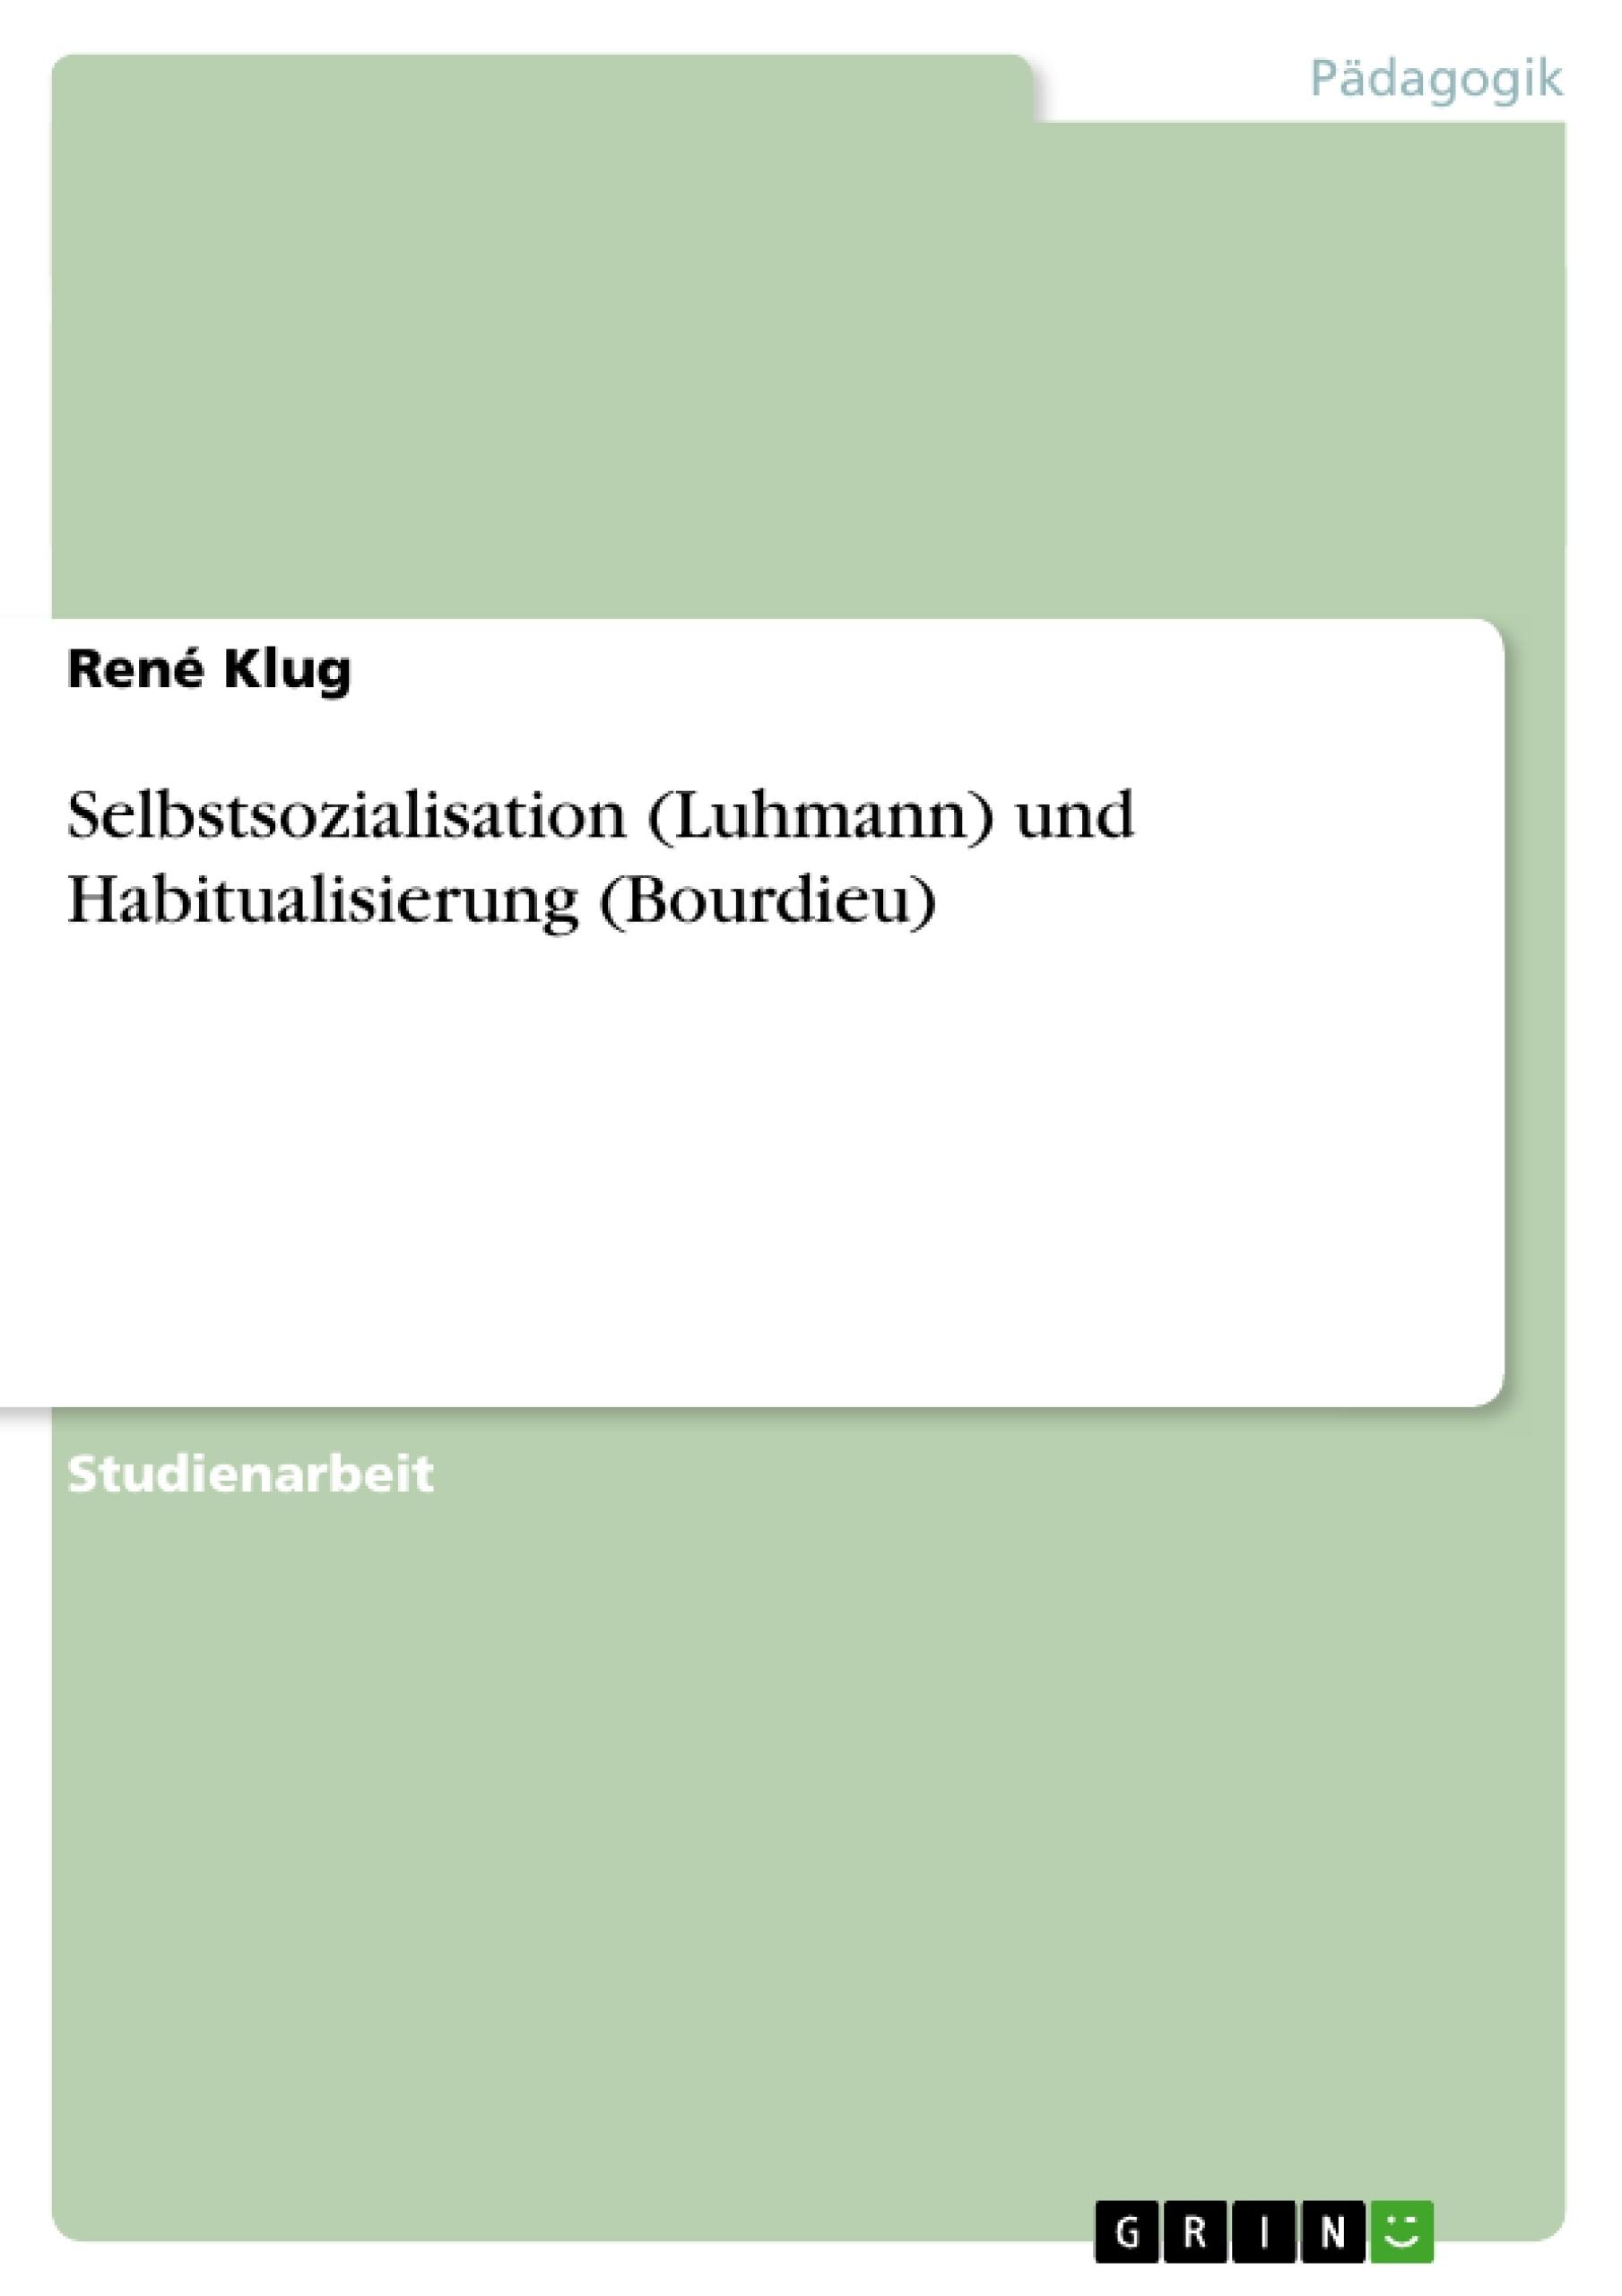 Titel: Selbstsozialisation (Luhmann) und Habitualisierung (Bourdieu)